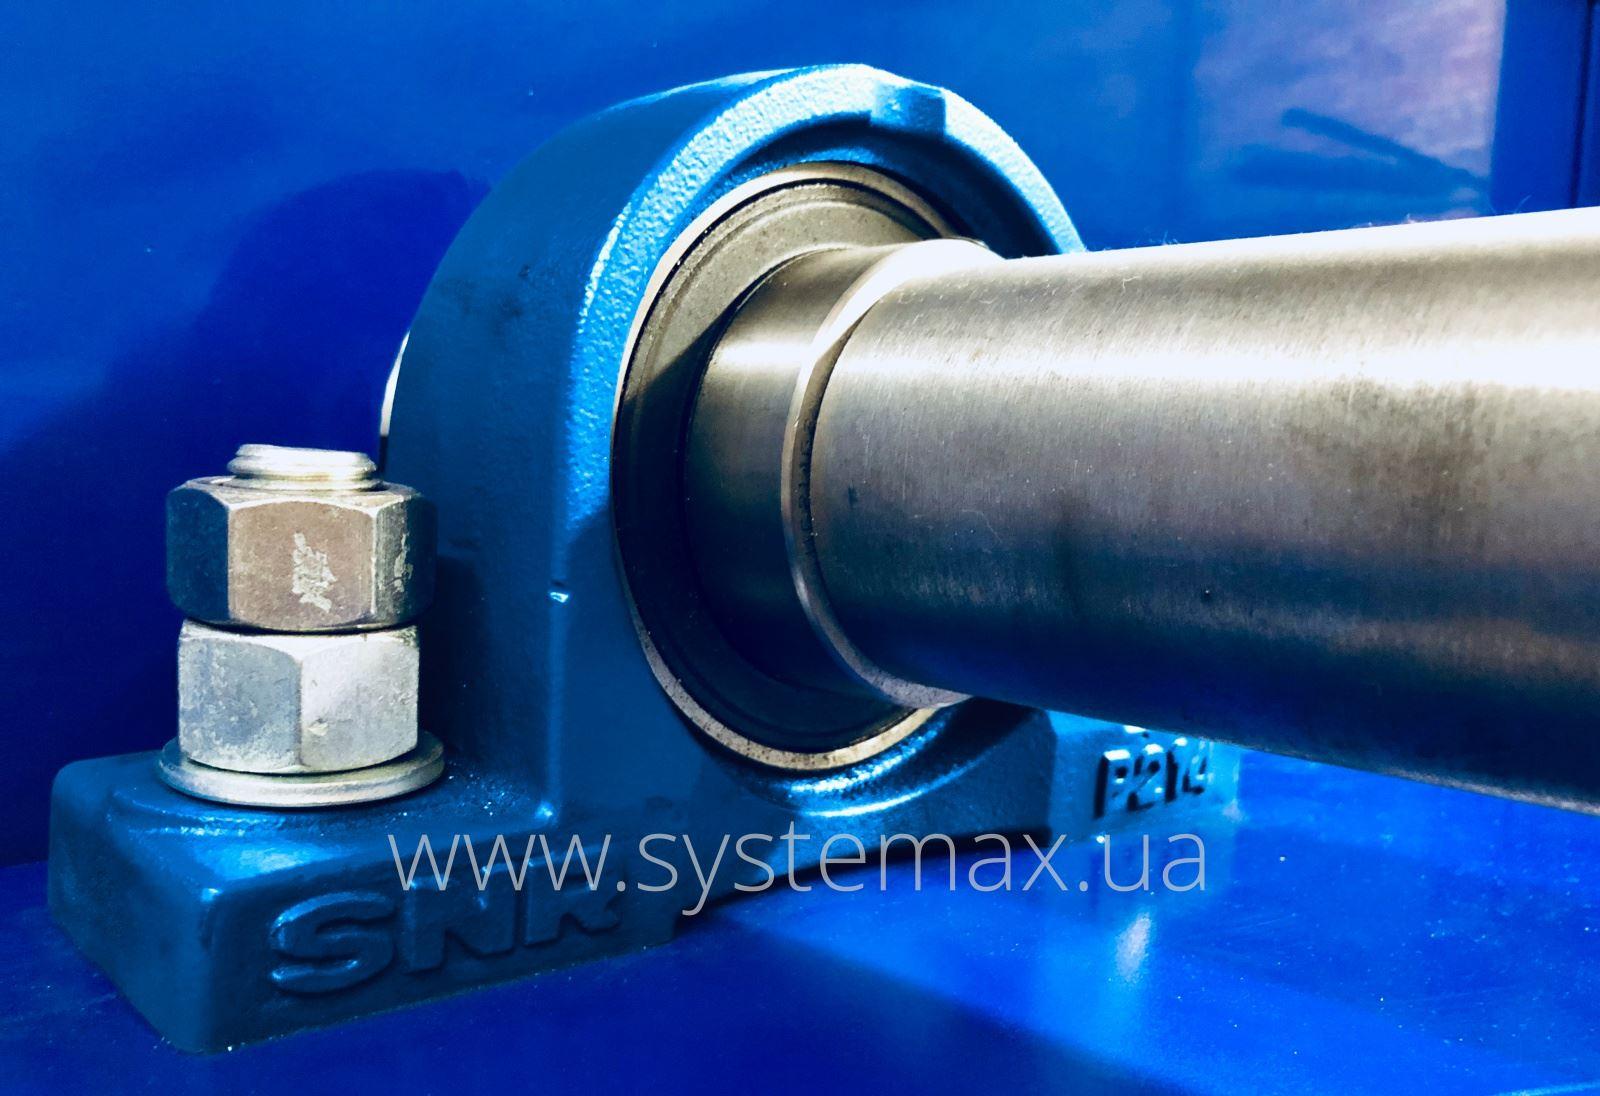 Промежуточный вал вентилятора ВРП-3,15 схема 5 на подшипниковых узлах SNR